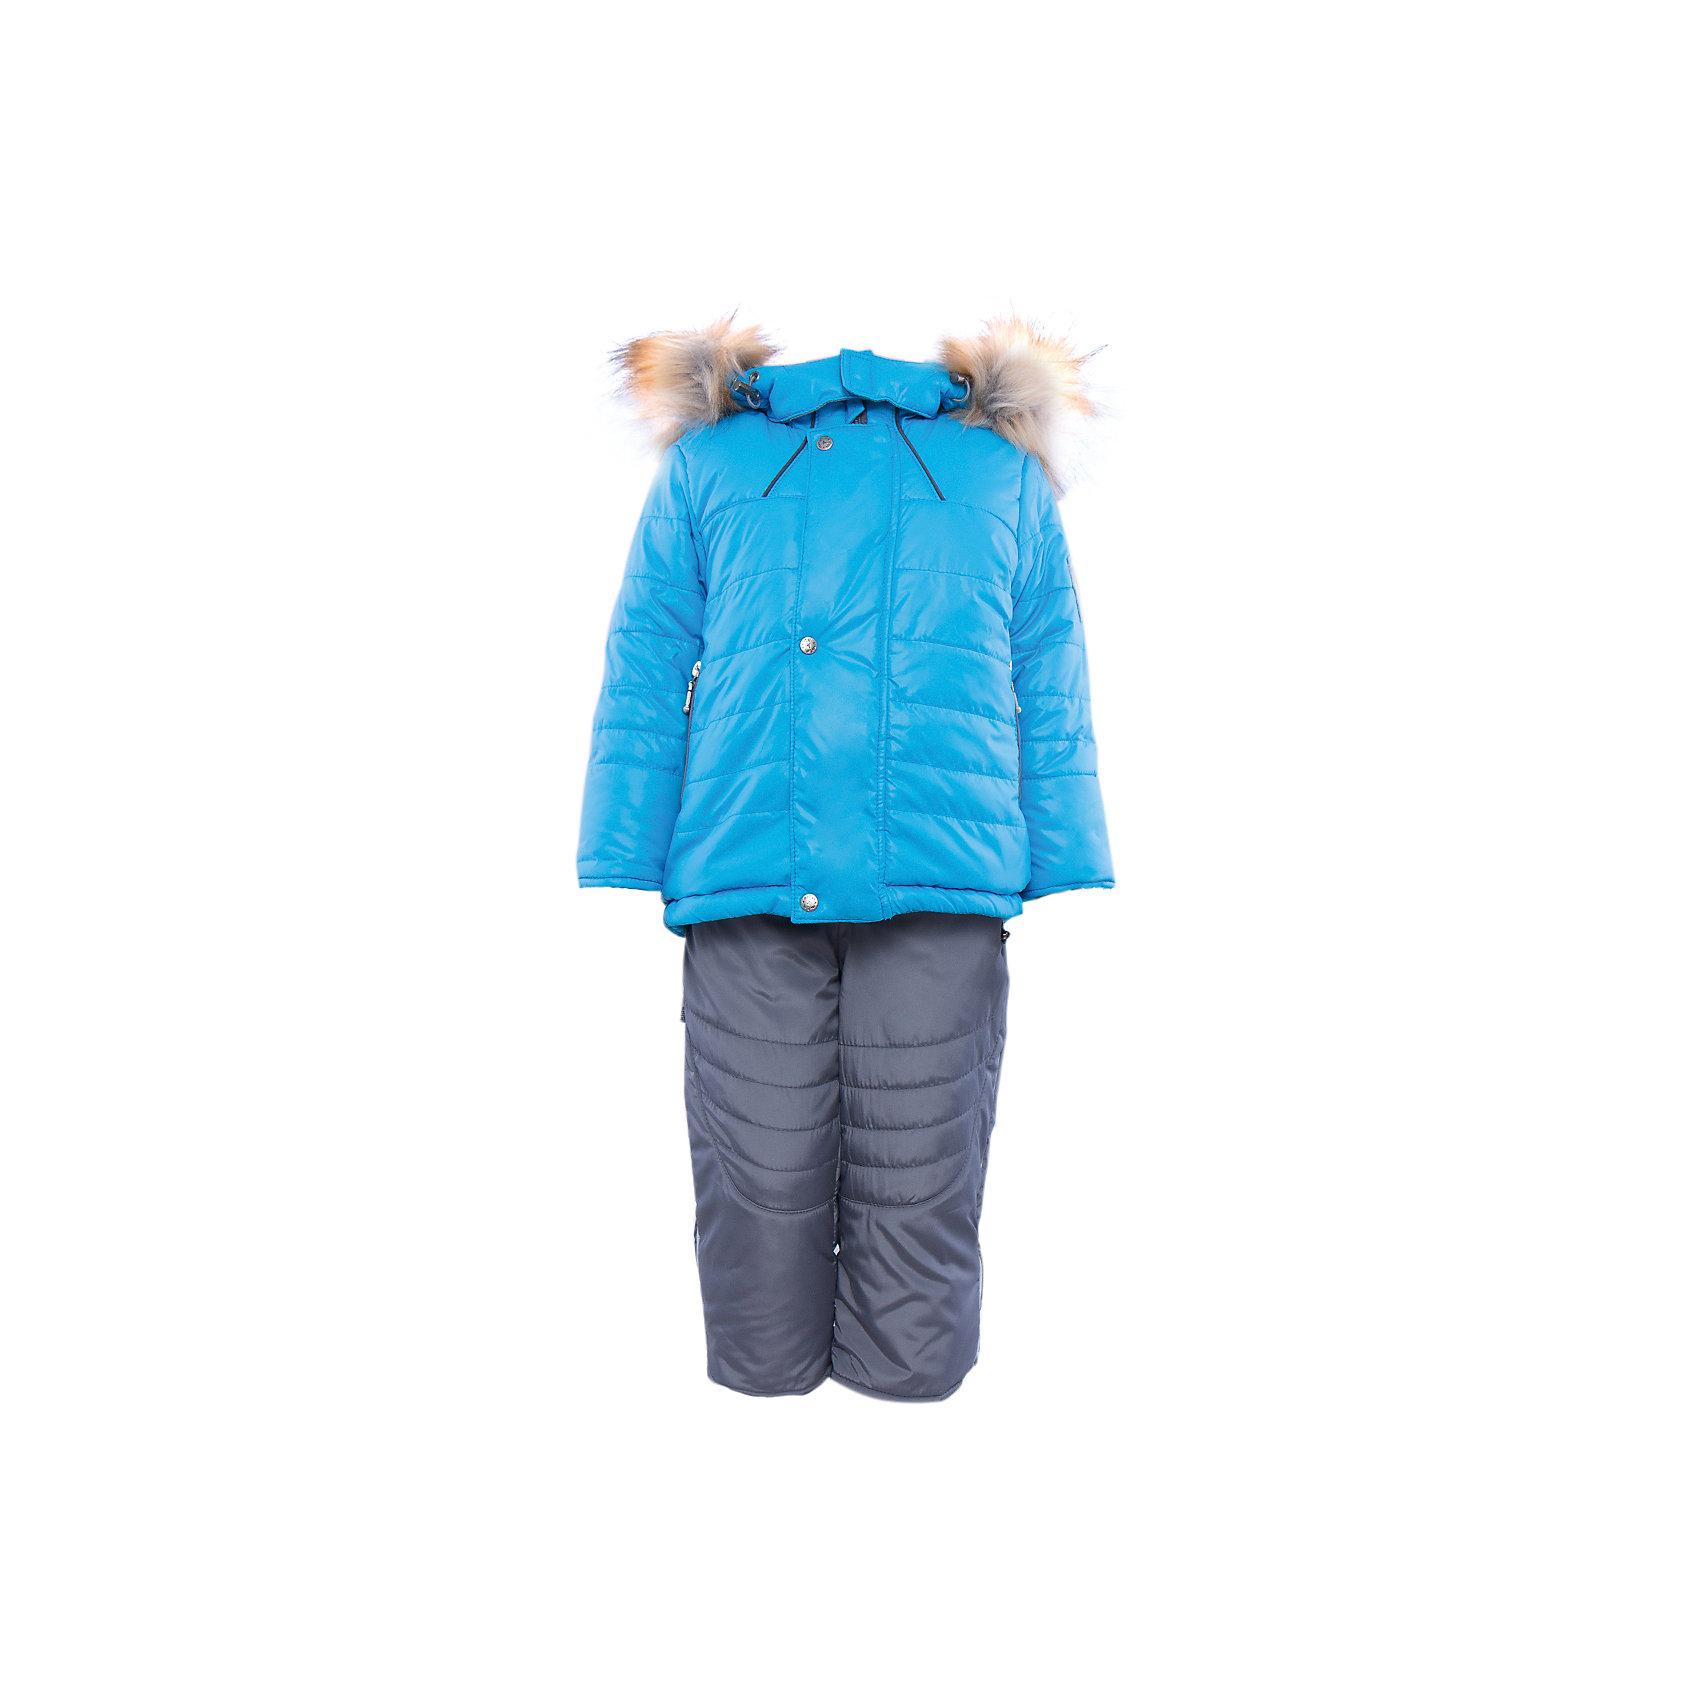 Комплект: куртка и полукомбинезон на овчине для мальчика АртельВерхняя одежда<br>Комплект: куртка и полукомбинезон для мальчика от известного бренда Артель<br>Теплая куртка прямого силуэта с дополнительной меховой подстежкой. Съемный глубокий капюшон на кнопках с искусственным отстегивающемся мехом енота, вязаные манжеты в рукавах и регулируемая кулиска по низу куртки создают дополнительную защиту в холодное время года. Отворотный рукав регулируется по длине, карманы прорезные на молнии. У полукомбинезона регулируется длина бретелек и отворачивается низ штанишек, что позволит индивидуально для каждого ребенка скорректировать посадку изделия. По низу штанины имеется дополнительная защита от снега. <br>Состав:<br>Верх: 819 YSD<br>Подкладка: интерлок<br>Подстежка: овчина<br>Опушка:енот искусственный(отстегивается)<br>Утеплитель: термофайбер 200гр<br><br>Ширина мм: 215<br>Глубина мм: 88<br>Высота мм: 191<br>Вес г: 336<br>Цвет: голубой<br>Возраст от месяцев: 18<br>Возраст до месяцев: 24<br>Пол: Мужской<br>Возраст: Детский<br>Размер: 92,74,80,86<br>SKU: 4963899